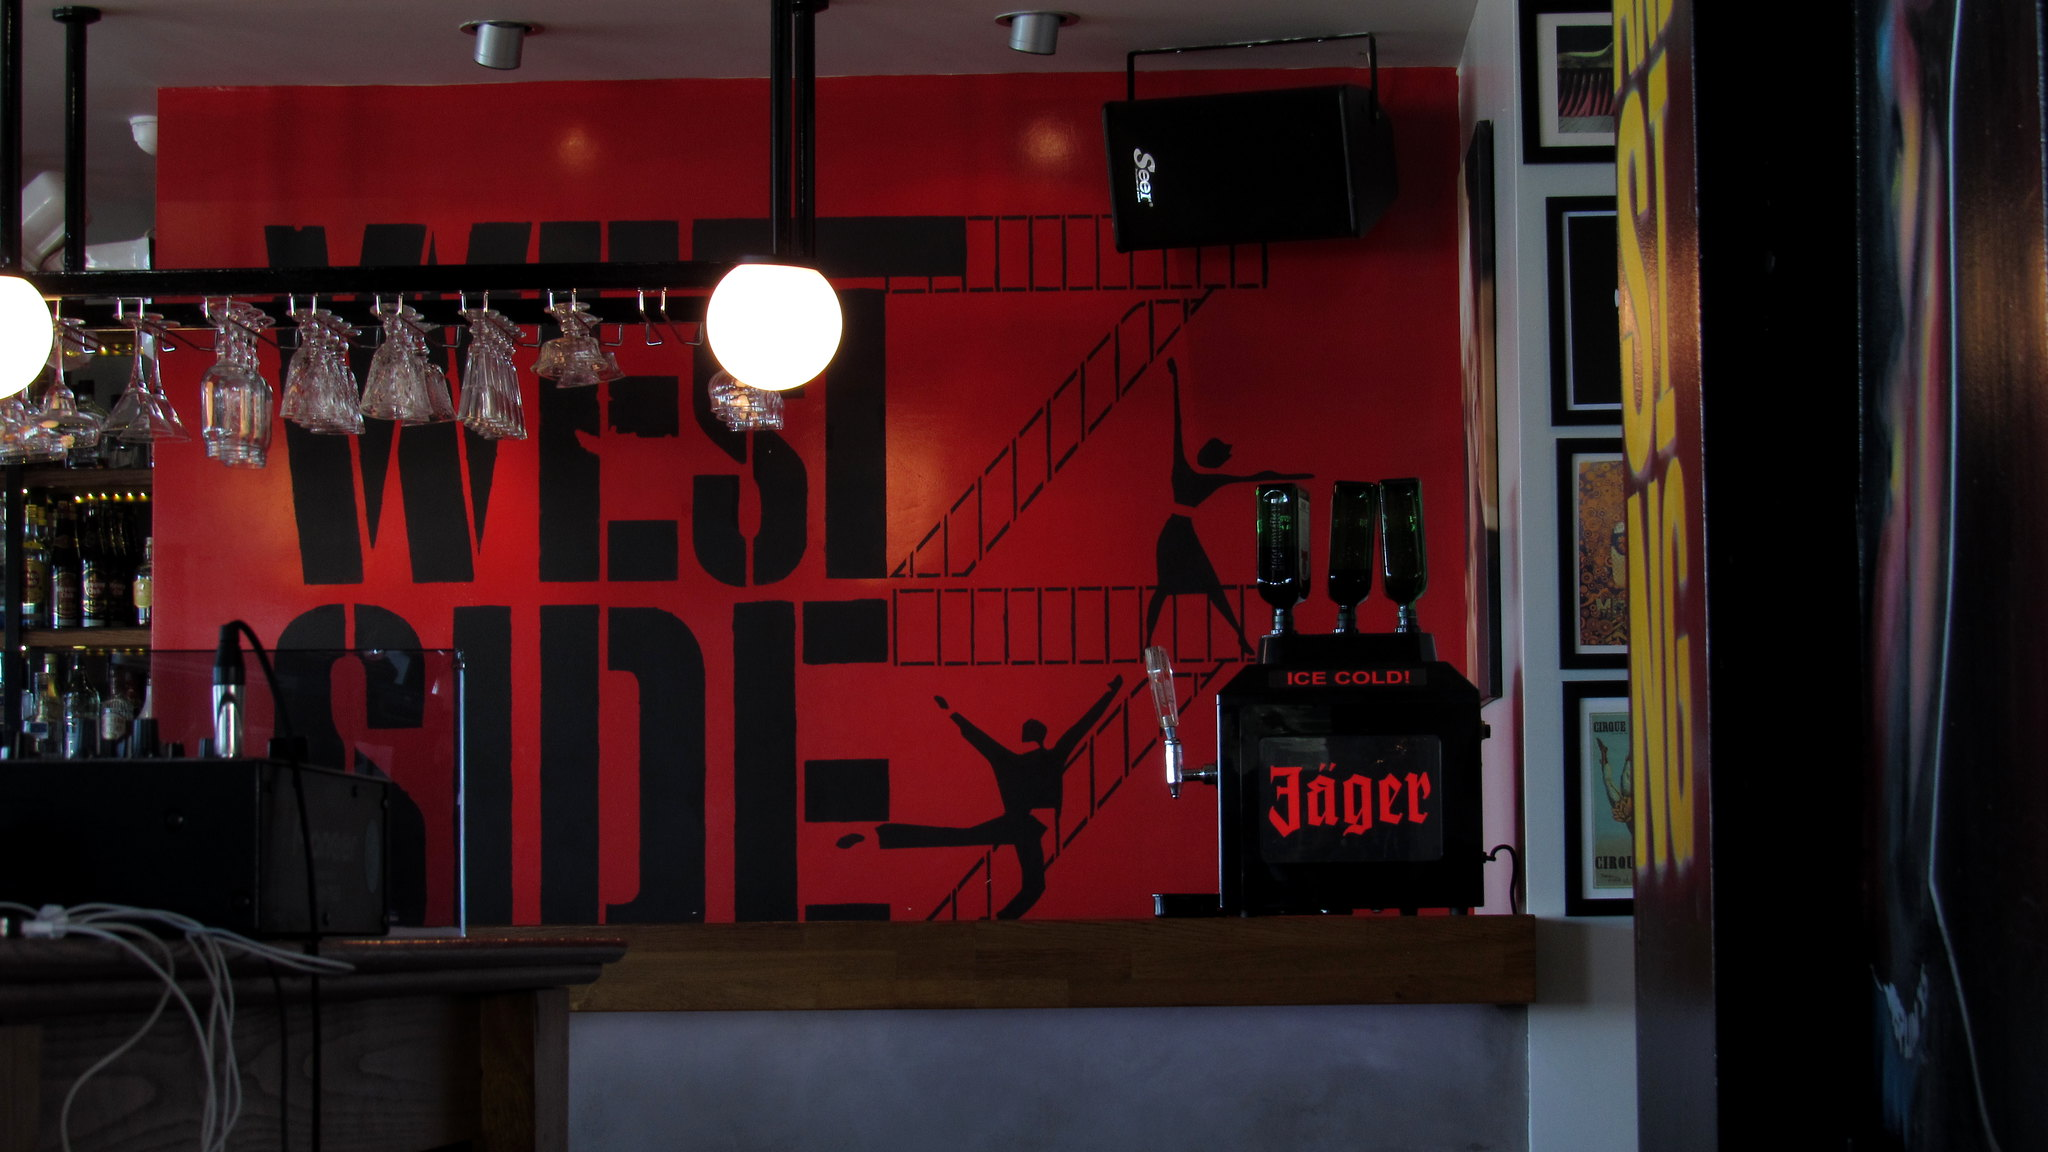 Caldera bar - Paralija